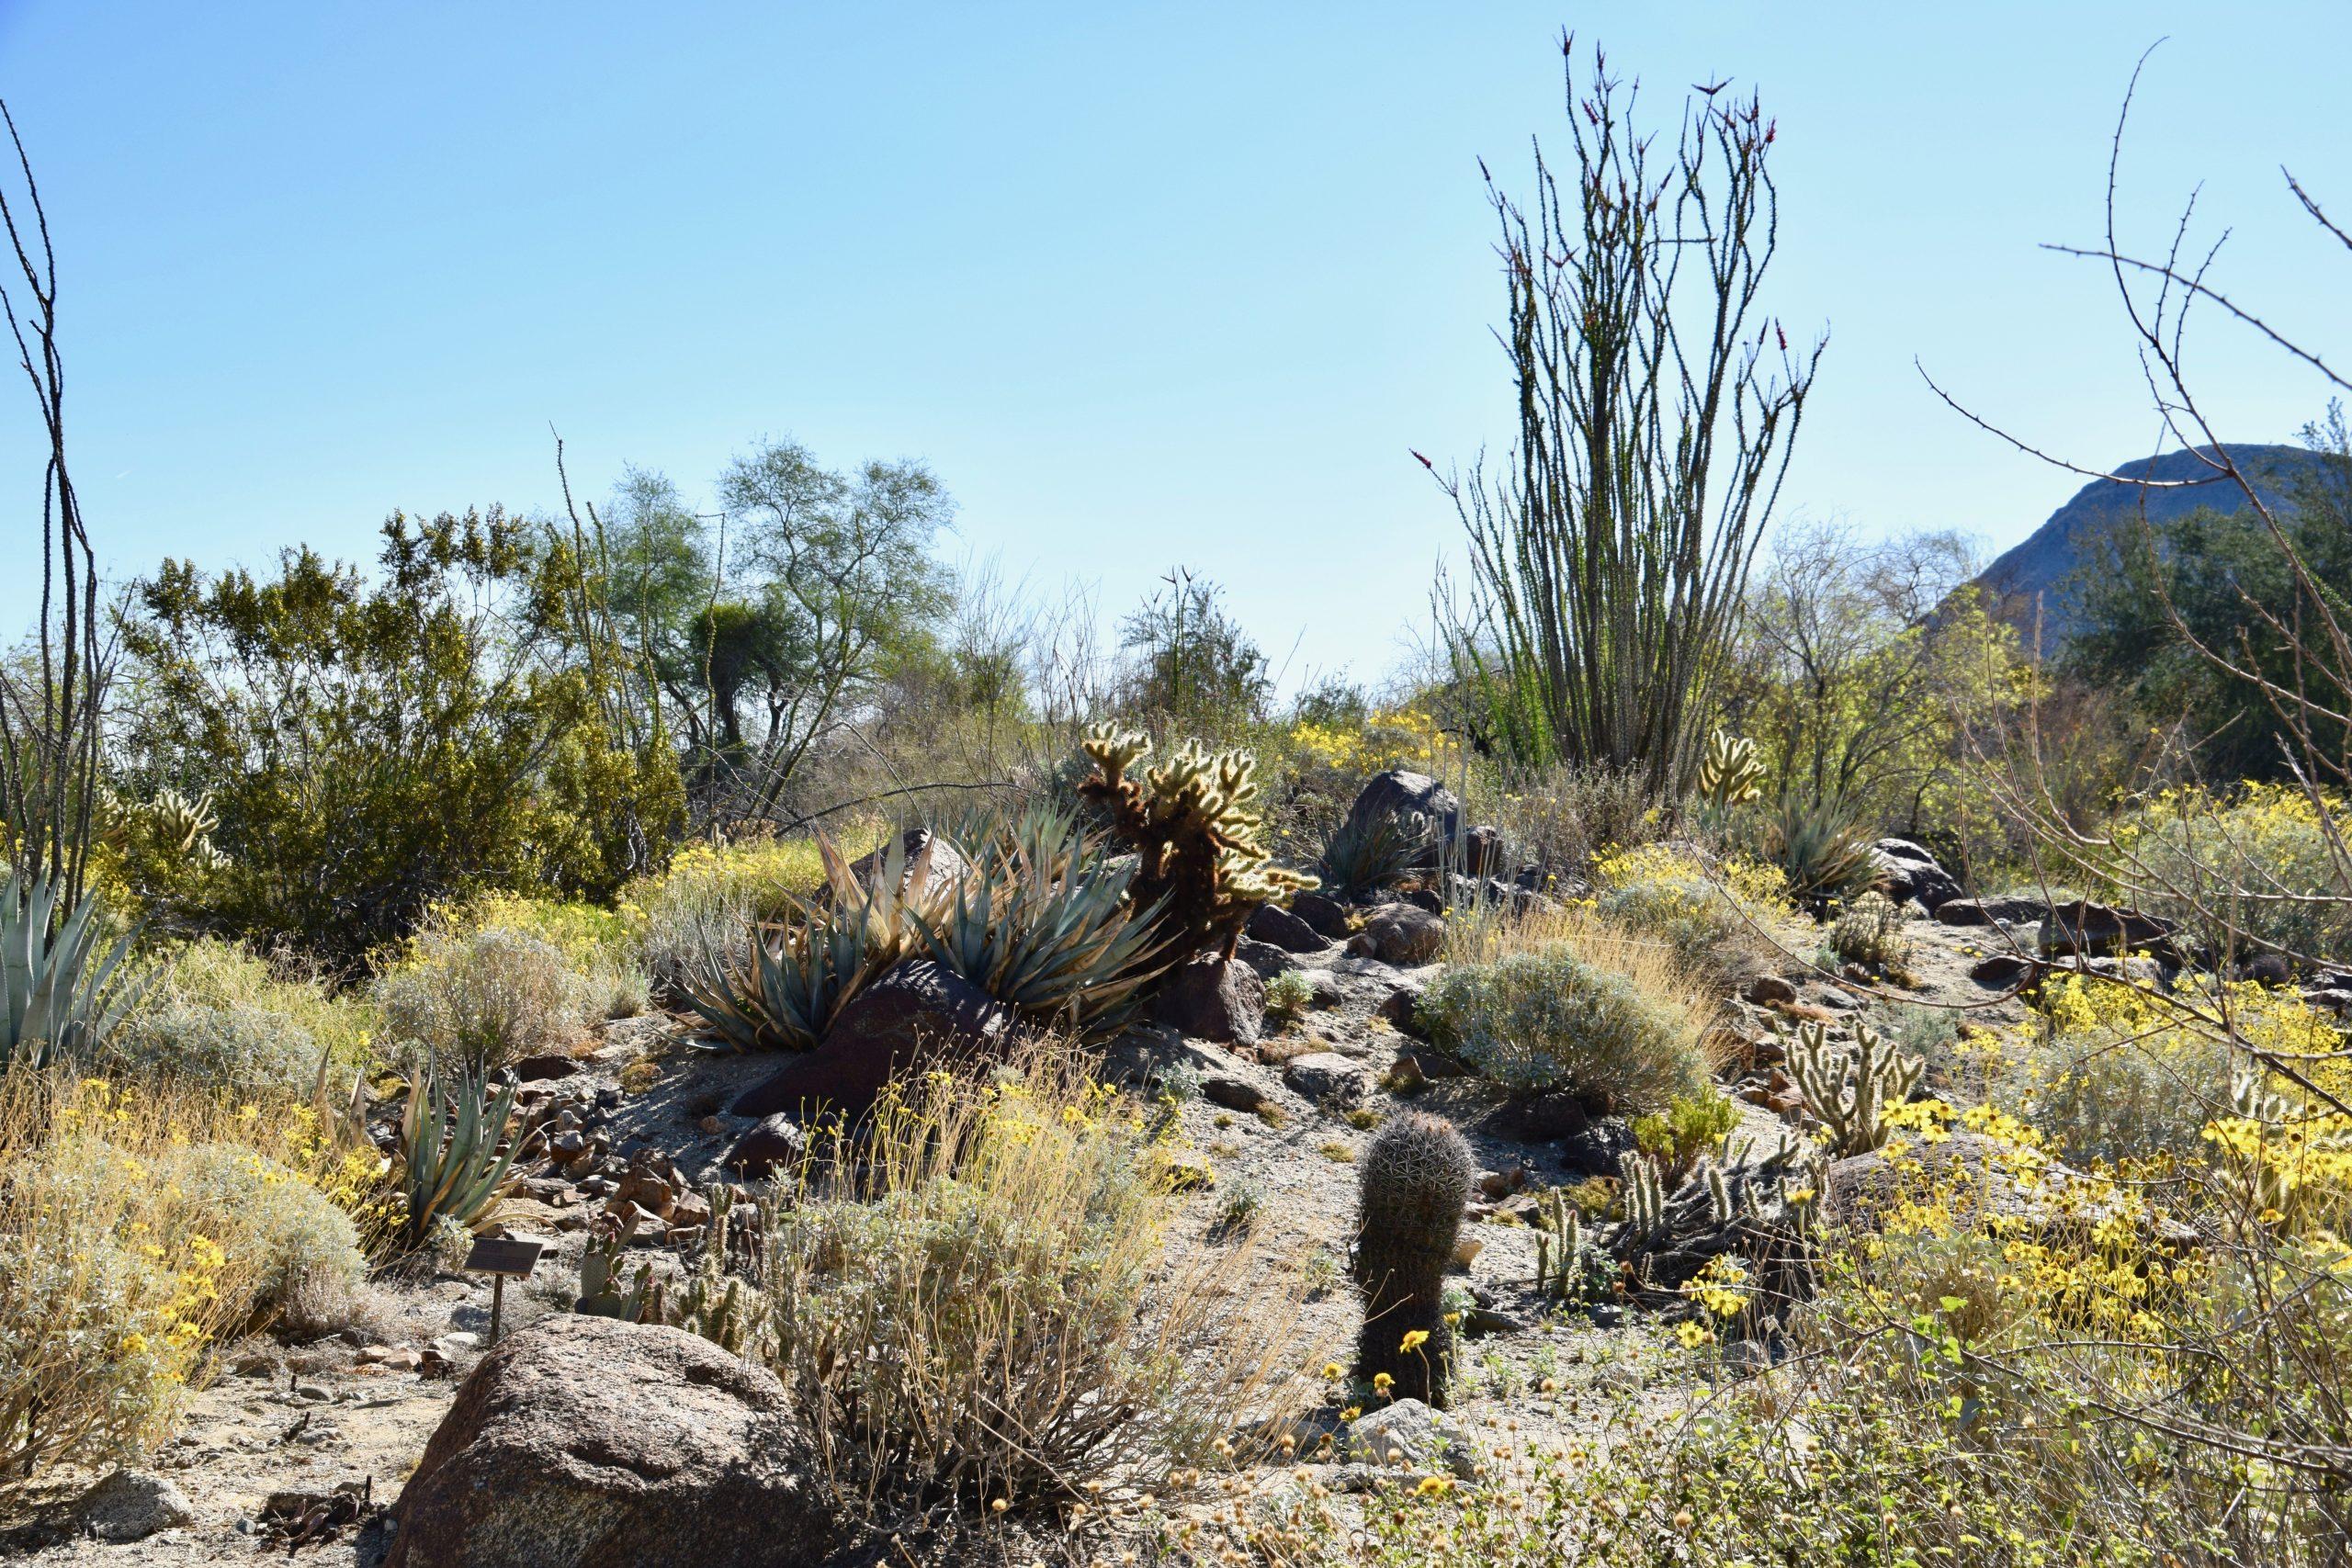 Spring desert flowers bloom on rocky hillside in Palm Springs